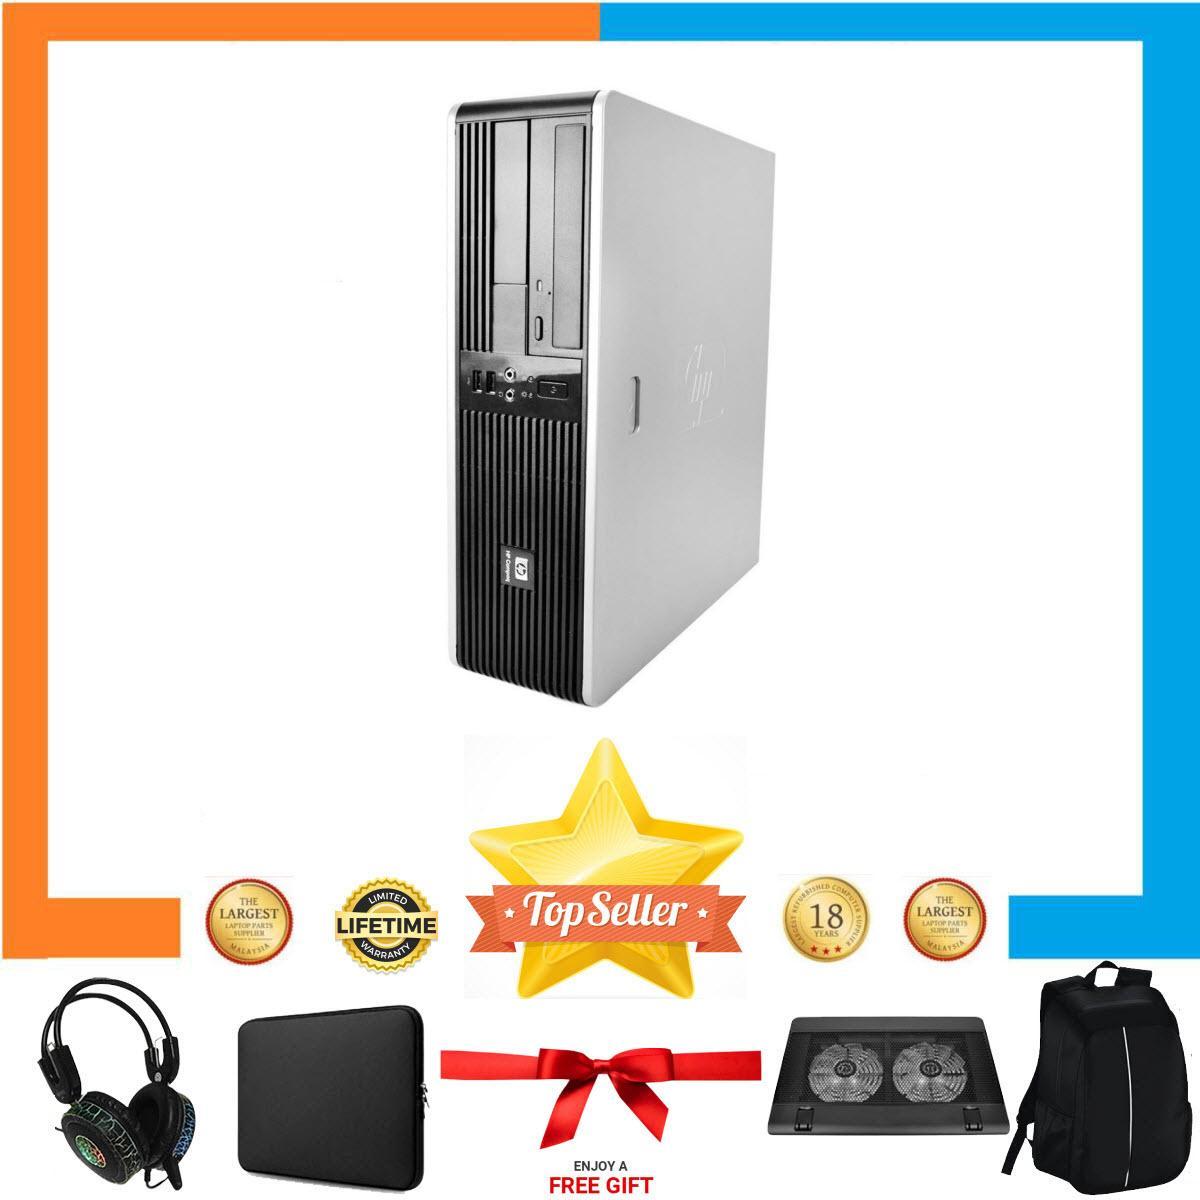 Máy tính đồng bộ HP DC 5800 SFF Nguyên Bản, Chạy CPU Core 2 Quad Q9400, Ram 8GB, HDD 500GB + Bộ Quà Tặng